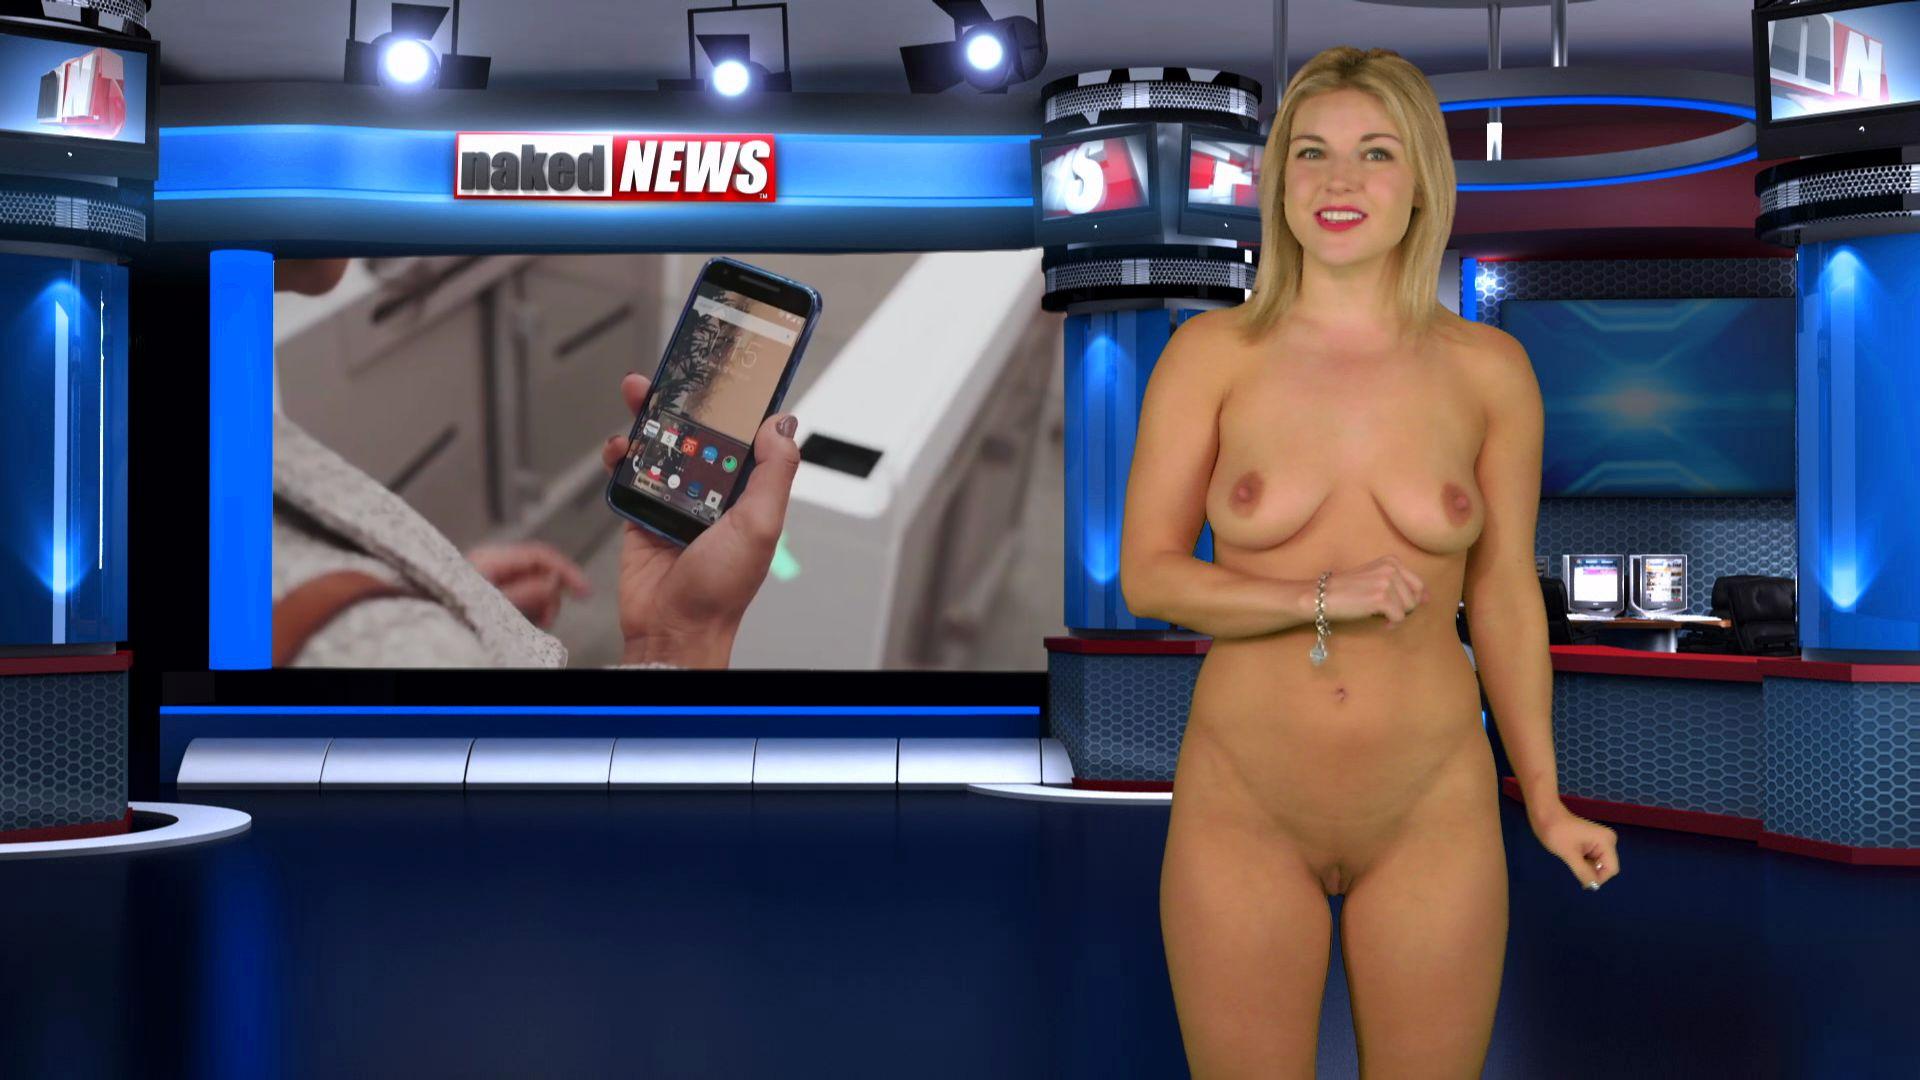 Fake Naked News Anchors Emma Watson, Kaley Cuoco, Miley Cyrus And More The Nip Slip